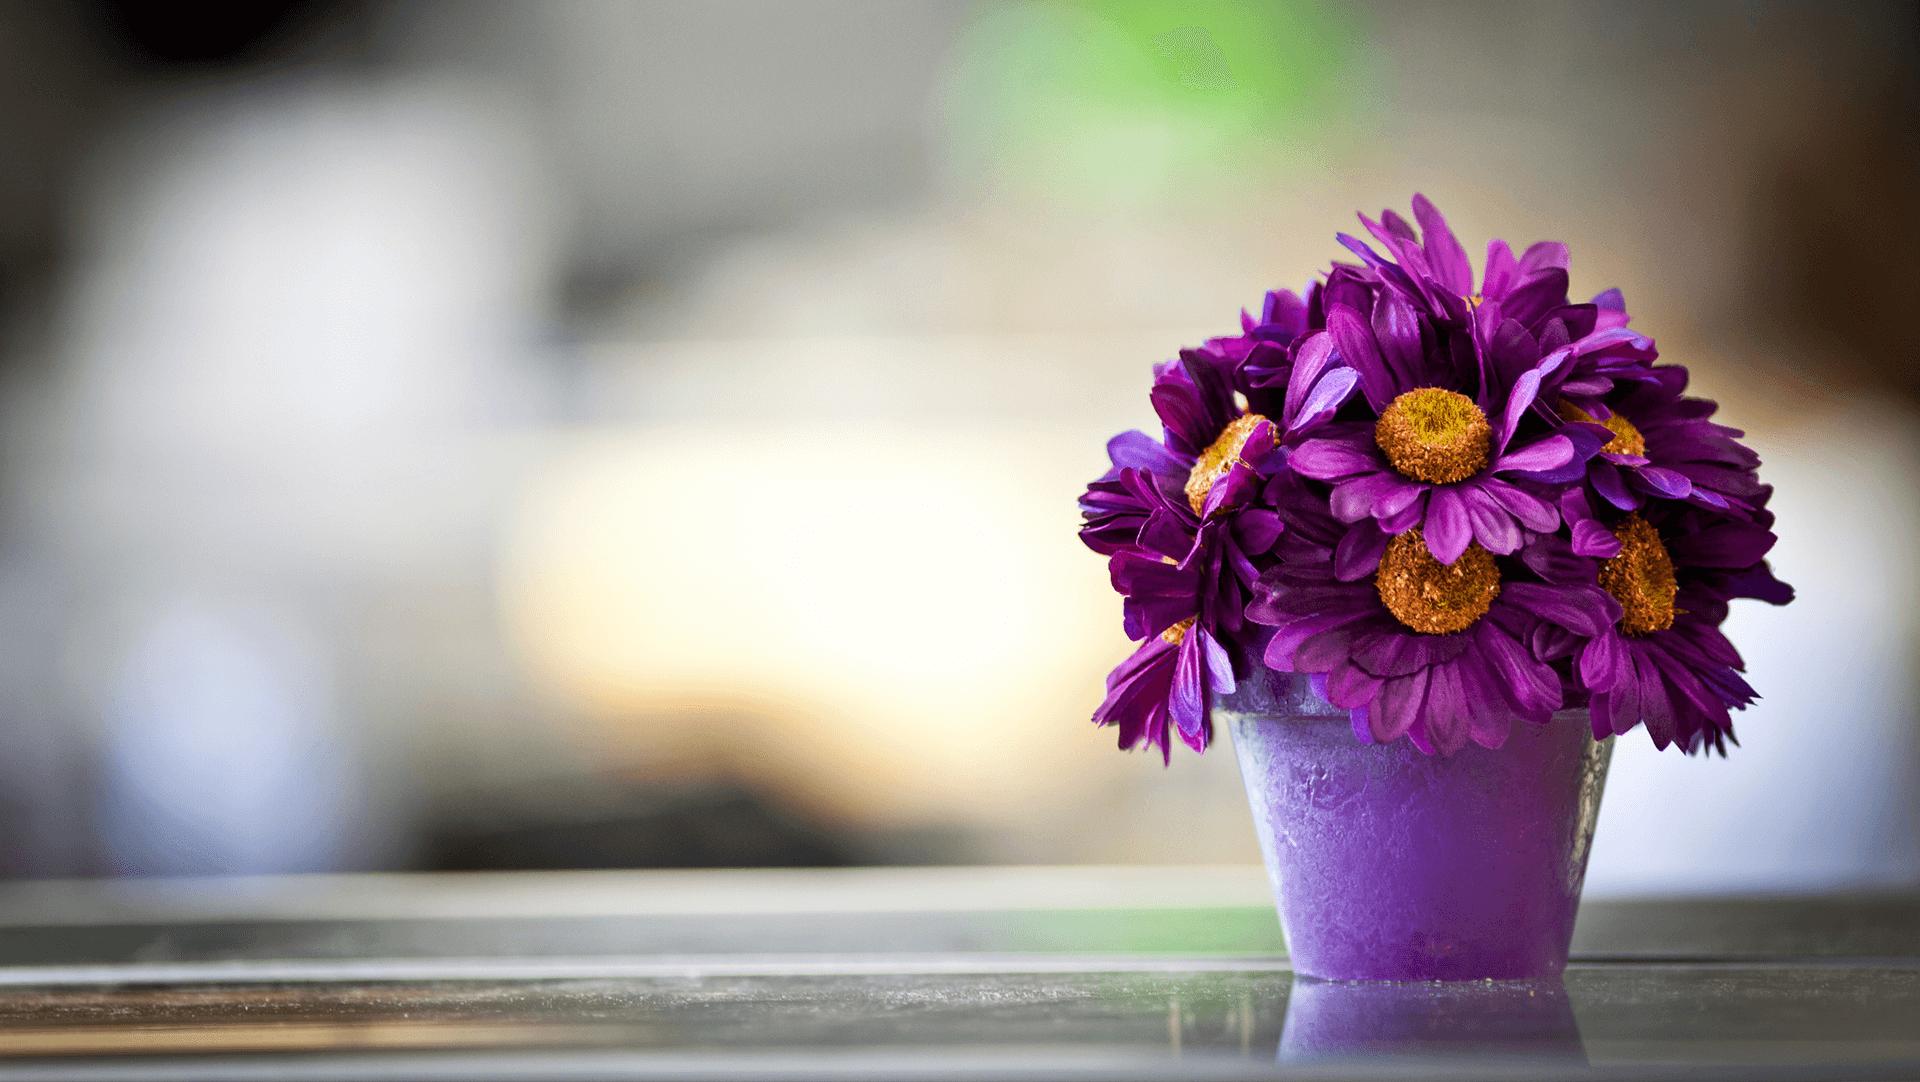 Нов слайд 31.07 - Доставка на цветя Бутик Лилия